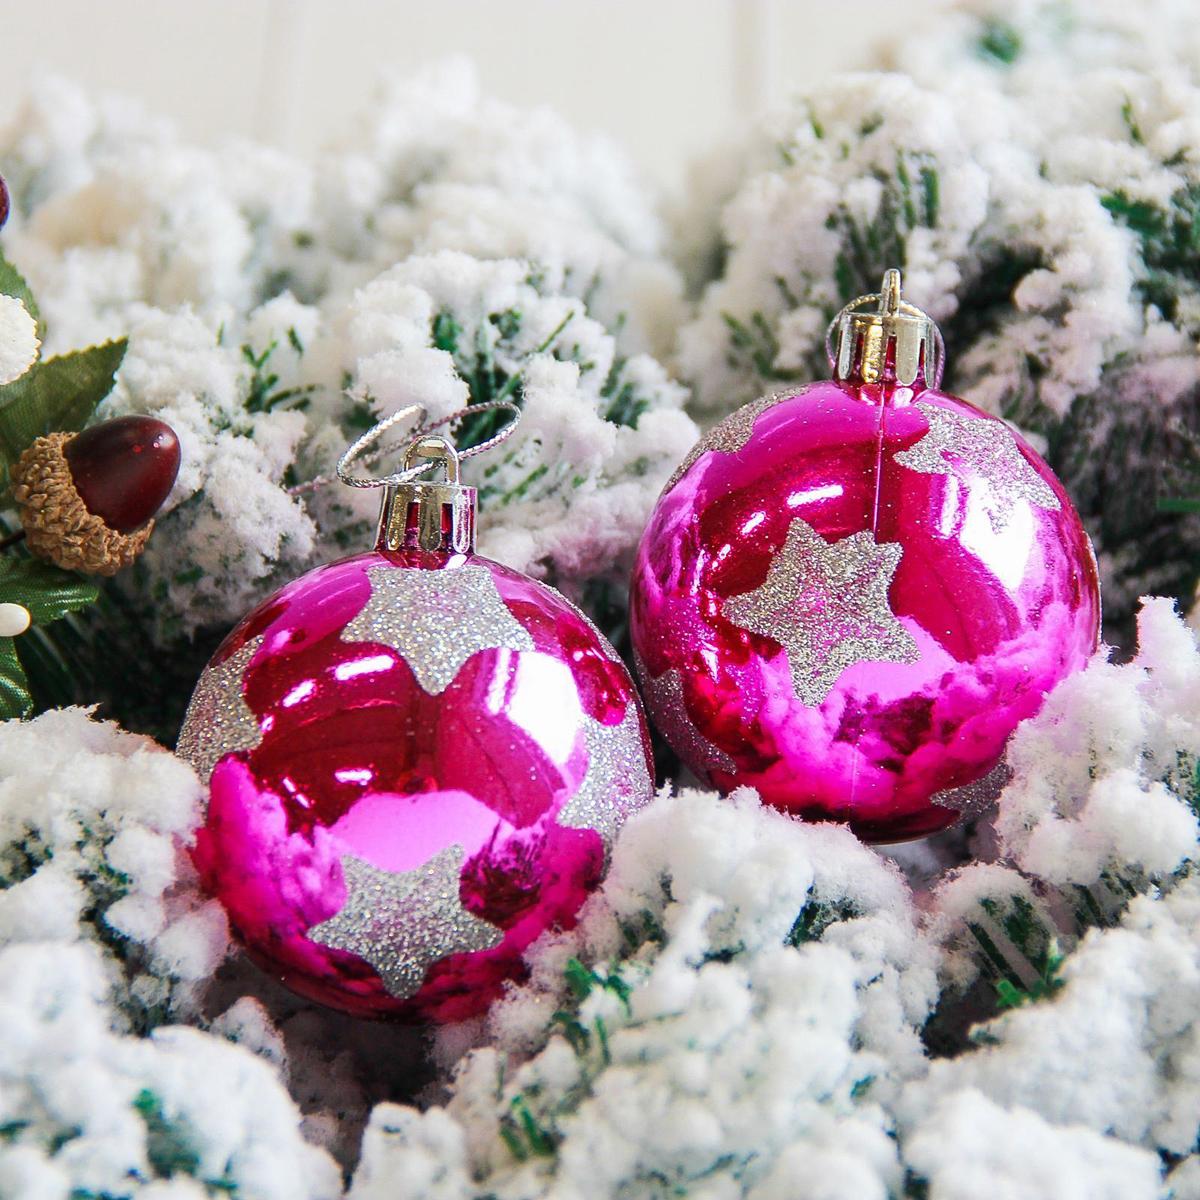 Набор новогодних подвесных украшений Sima-land Яркая звезда, цвет: малиновый, диаметр 6 см, 6 шт набор новогодних подвесных украшений sima land ледяной узор диаметр 7 см 6 шт